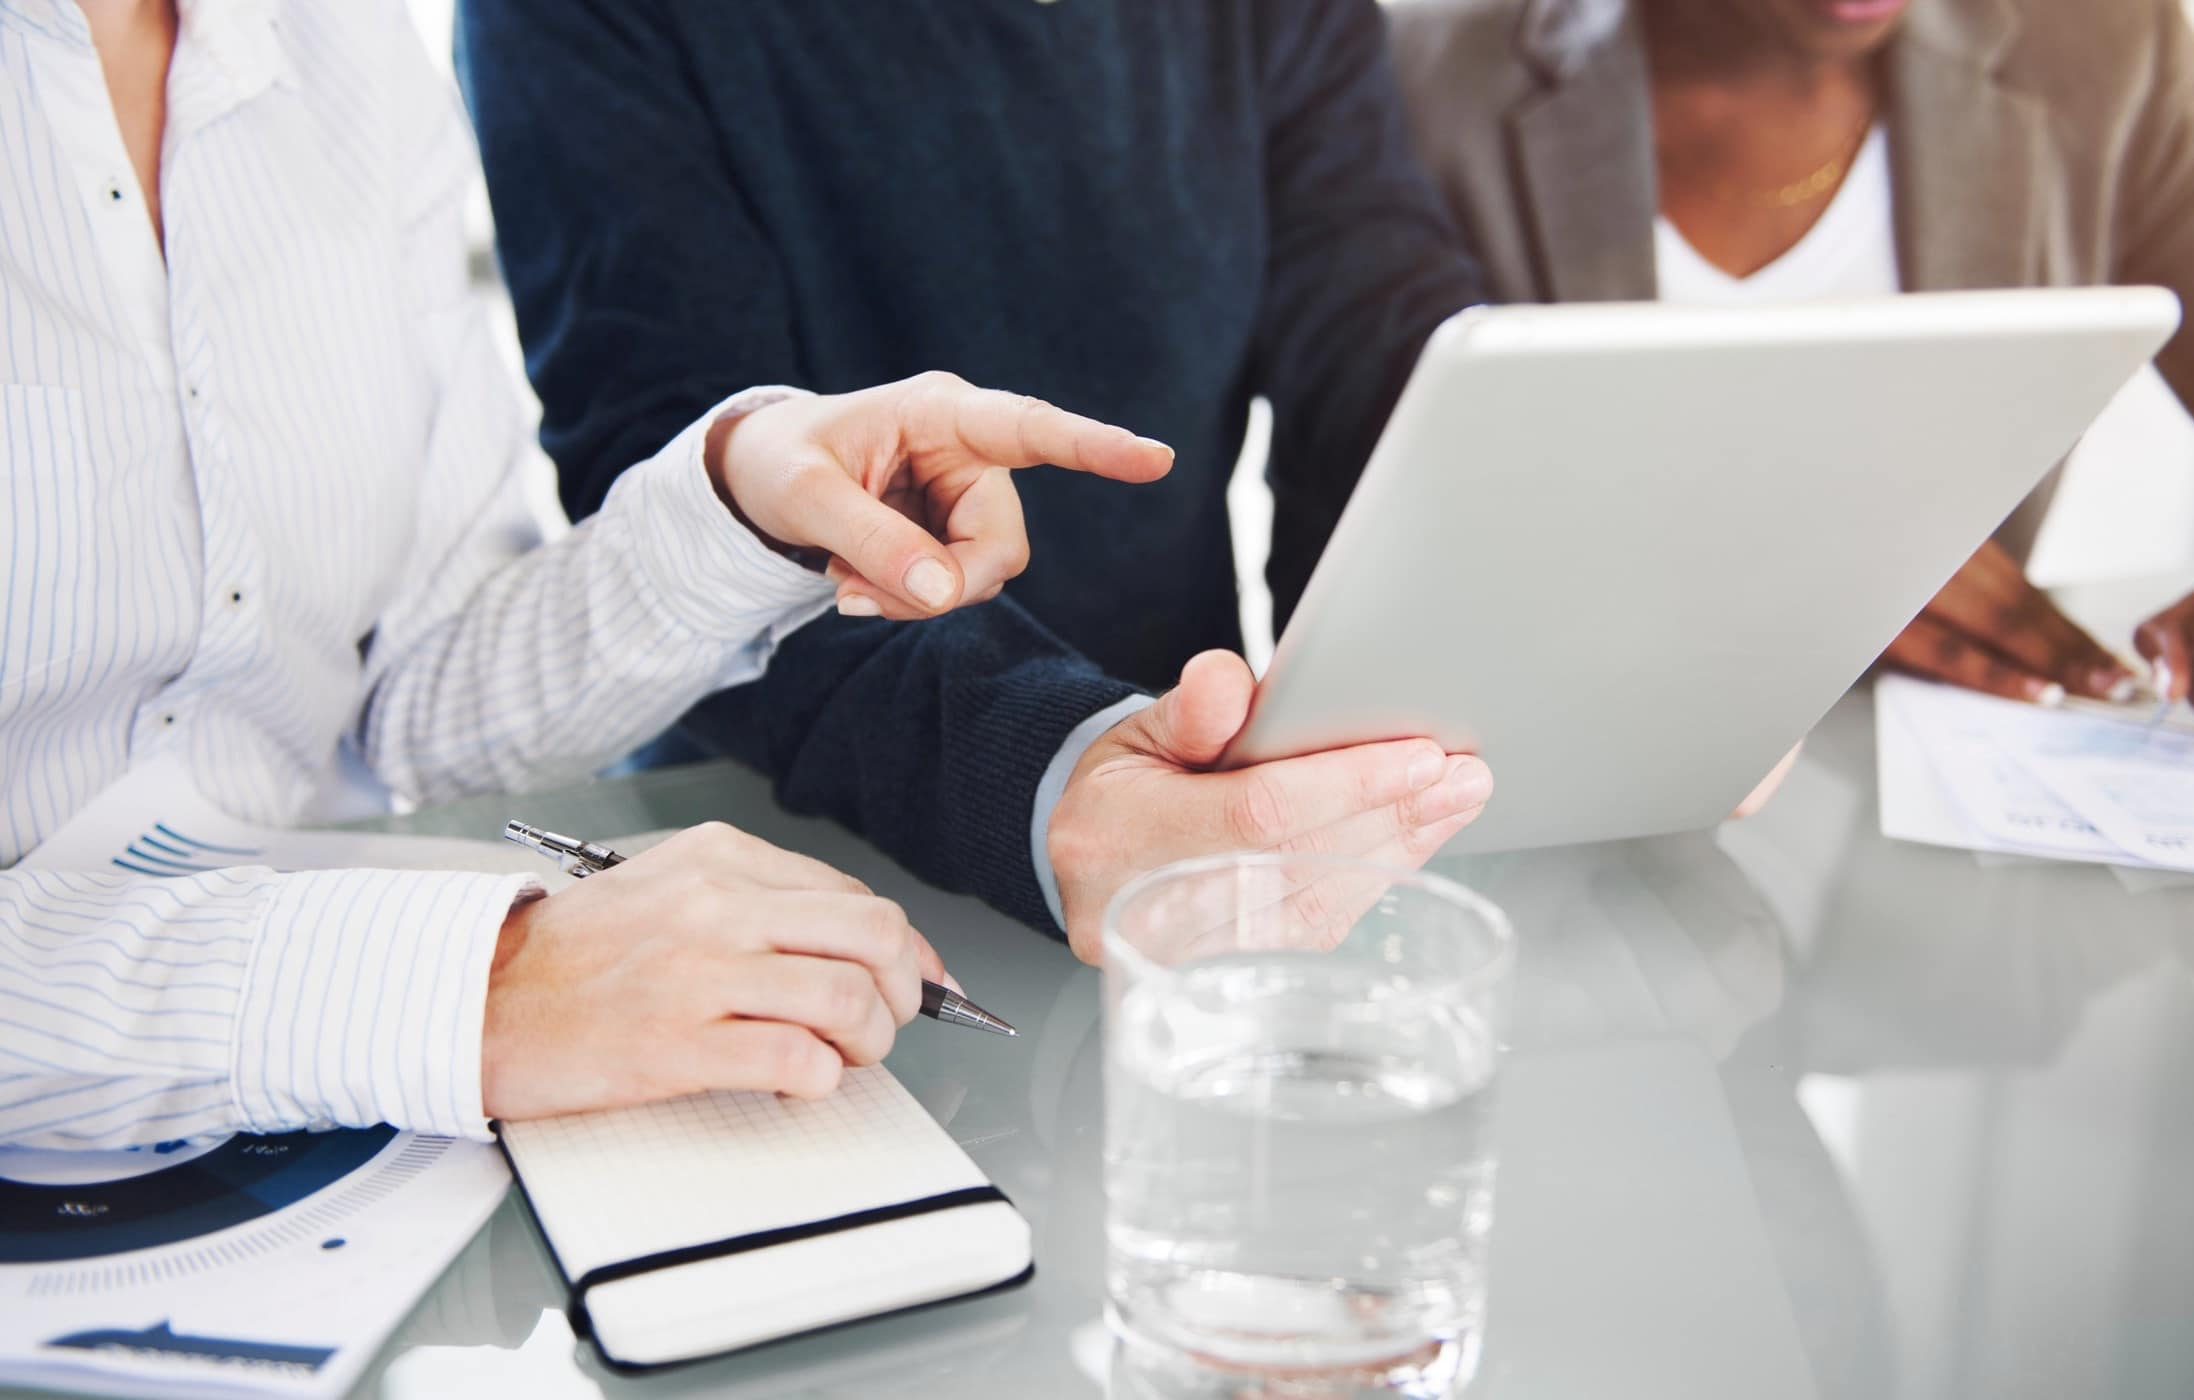 Darum erfordert eine digitale Kultur Change Management